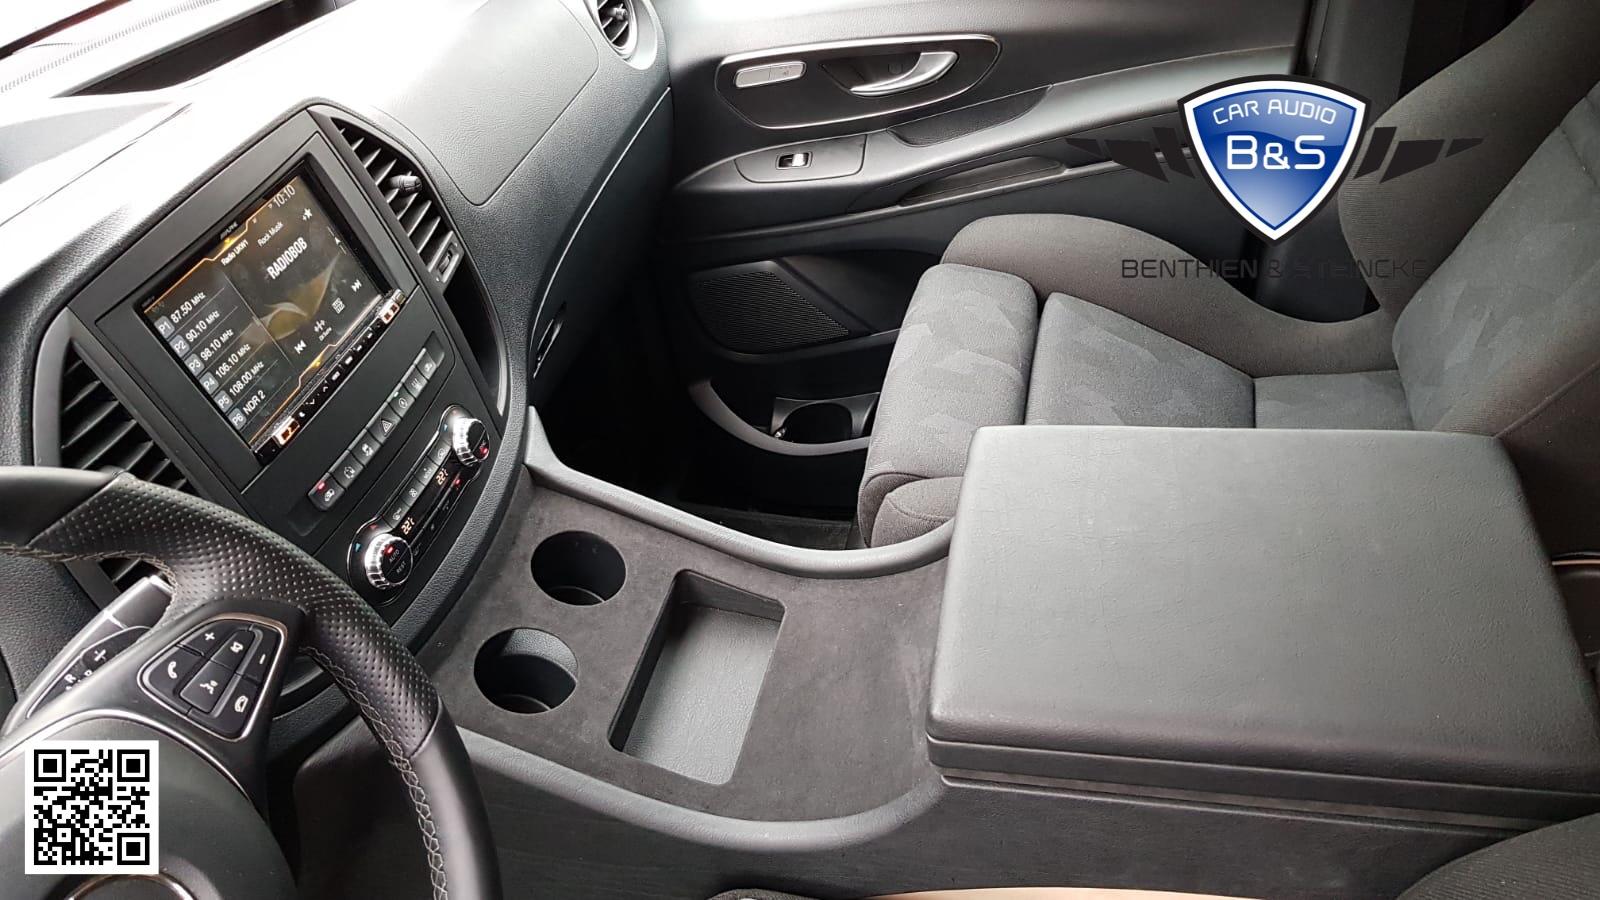 Wir haben unsere von uns entwickelte Mittelkonsole auf die Platzwünsche des Kunden angepasst. Auch auf die neuen Recaro Sitze von Autositze Teske GmbH musste beim Bau der Konsole Rücksicht genommen werden.